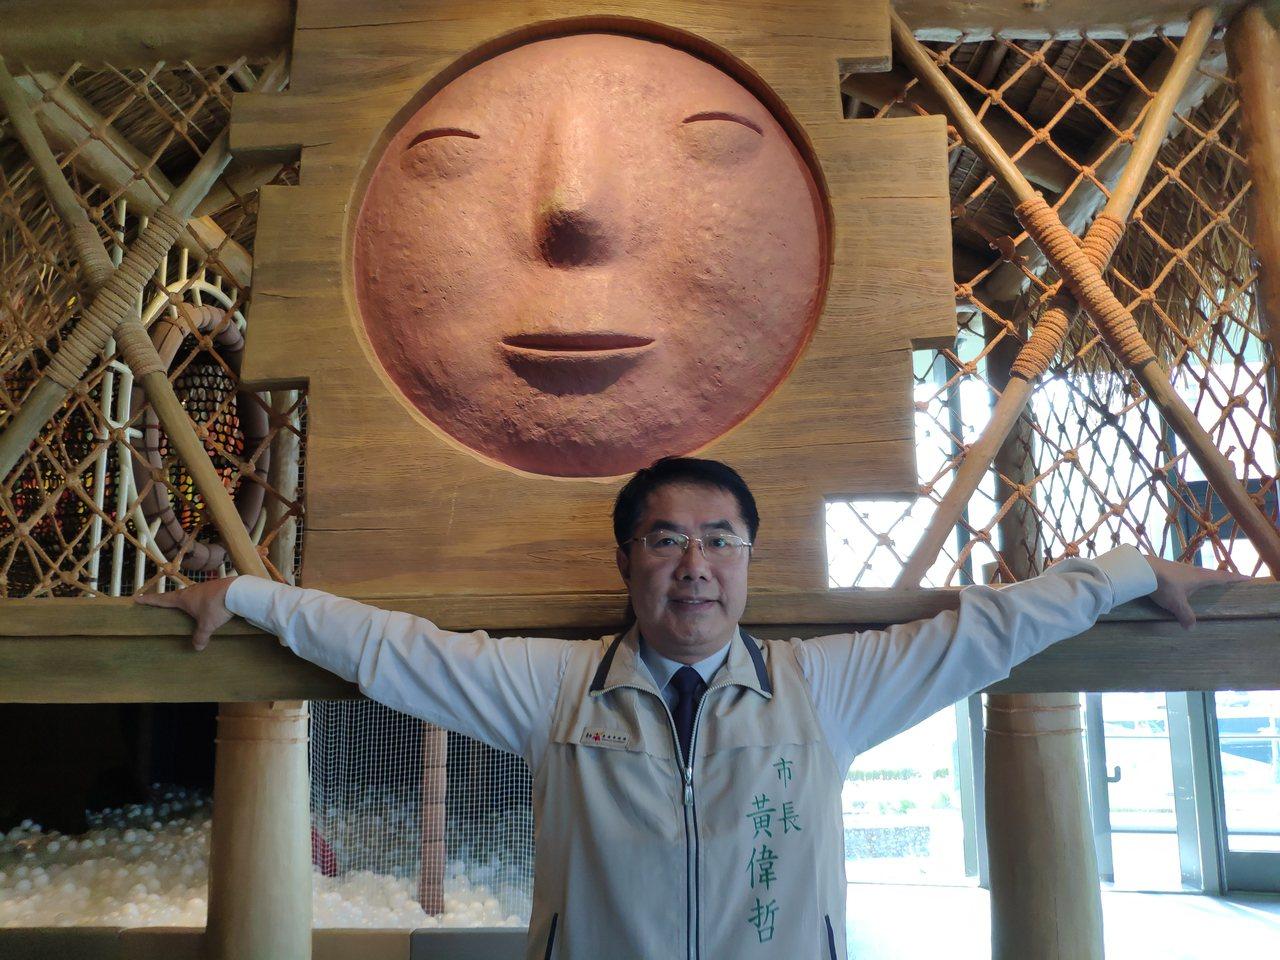 黃偉哲參訪將開幕的南科考古館,張開雙臂肢體表情豐富。記者謝進盛/攝影